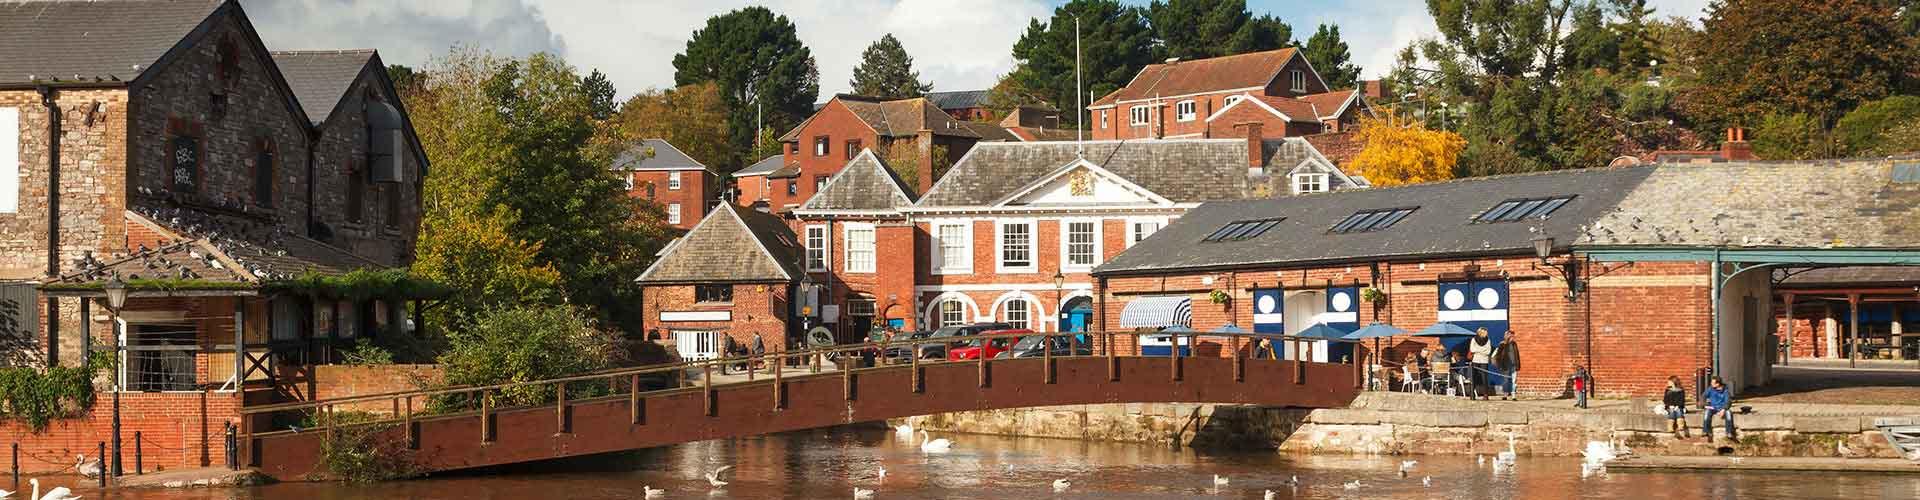 Exeter - Auberges de jeunesse à Exeter. Cartes pour Exeter, photos et commentaires pour chaque auberge de jeunesse à Exeter.